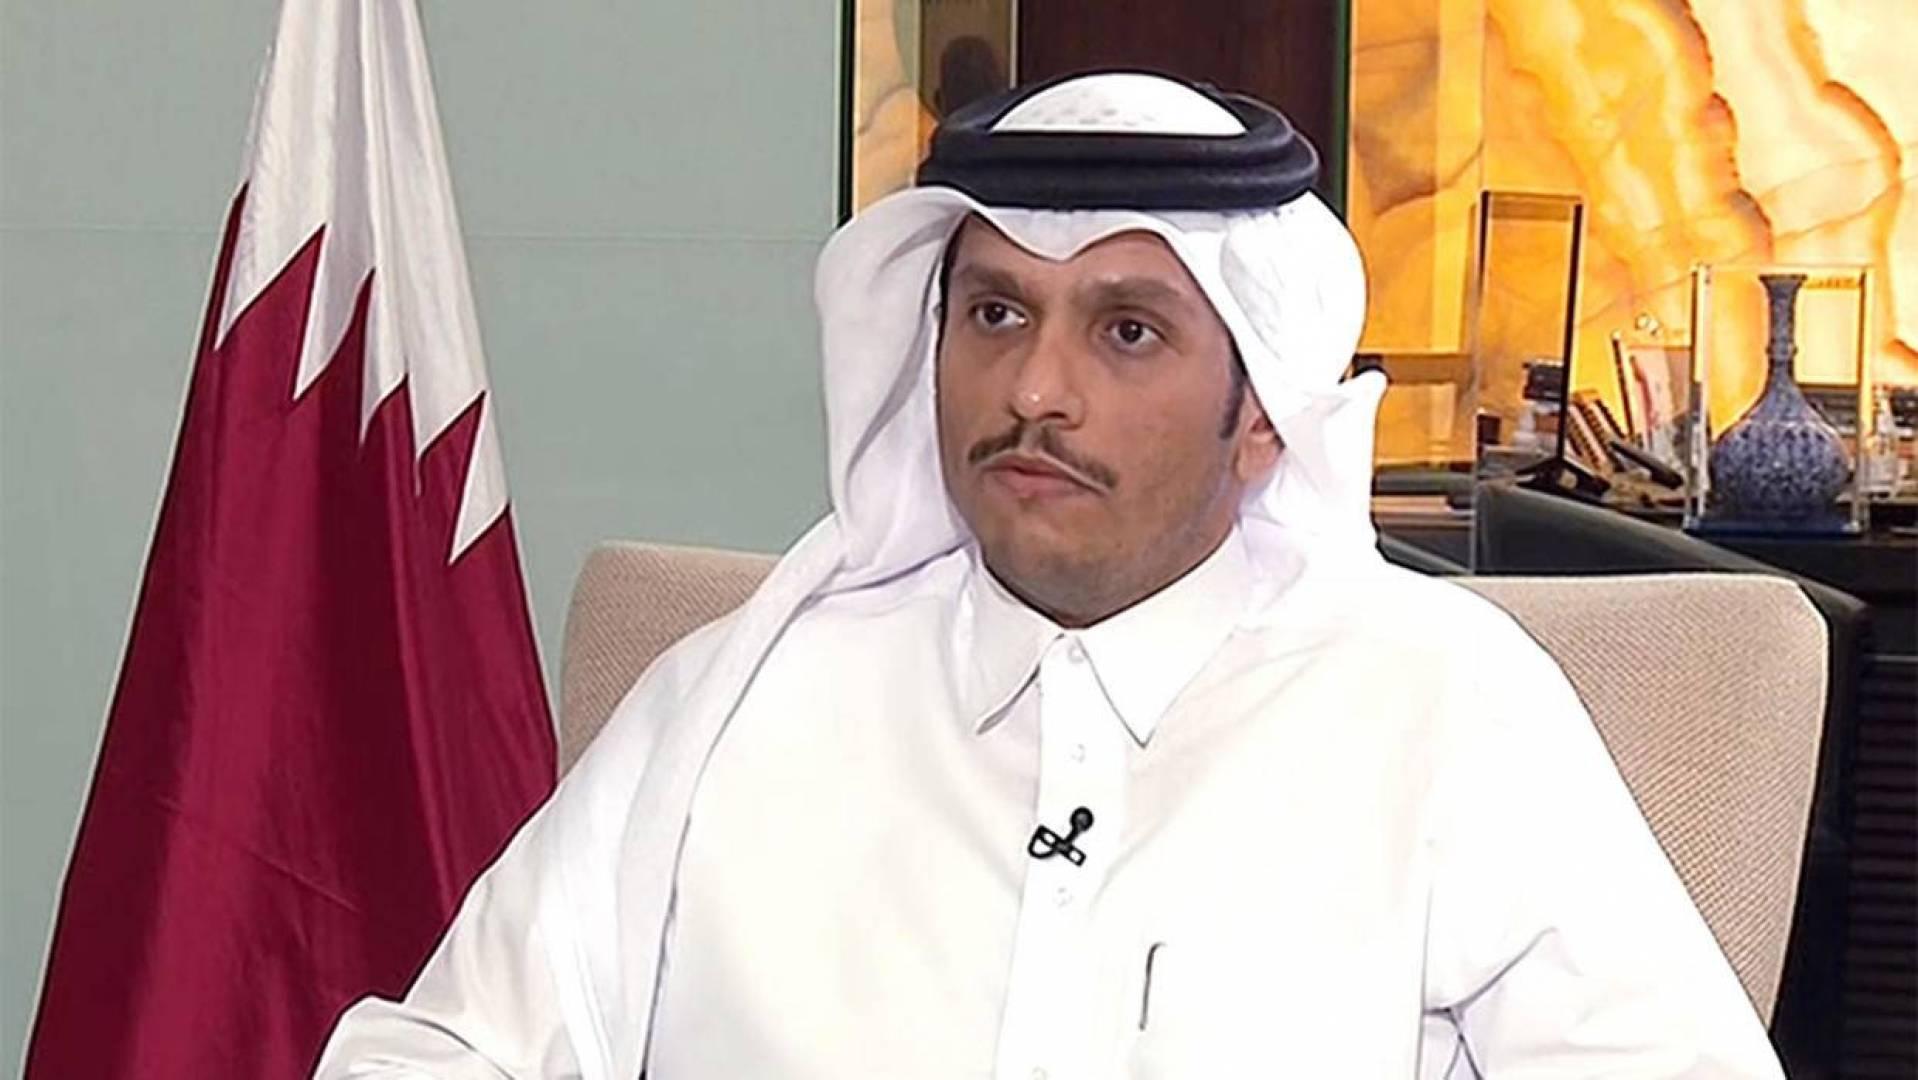 وزير الخارجية القطري: رؤية مستقبلية بشأن الأزمة الخليجية